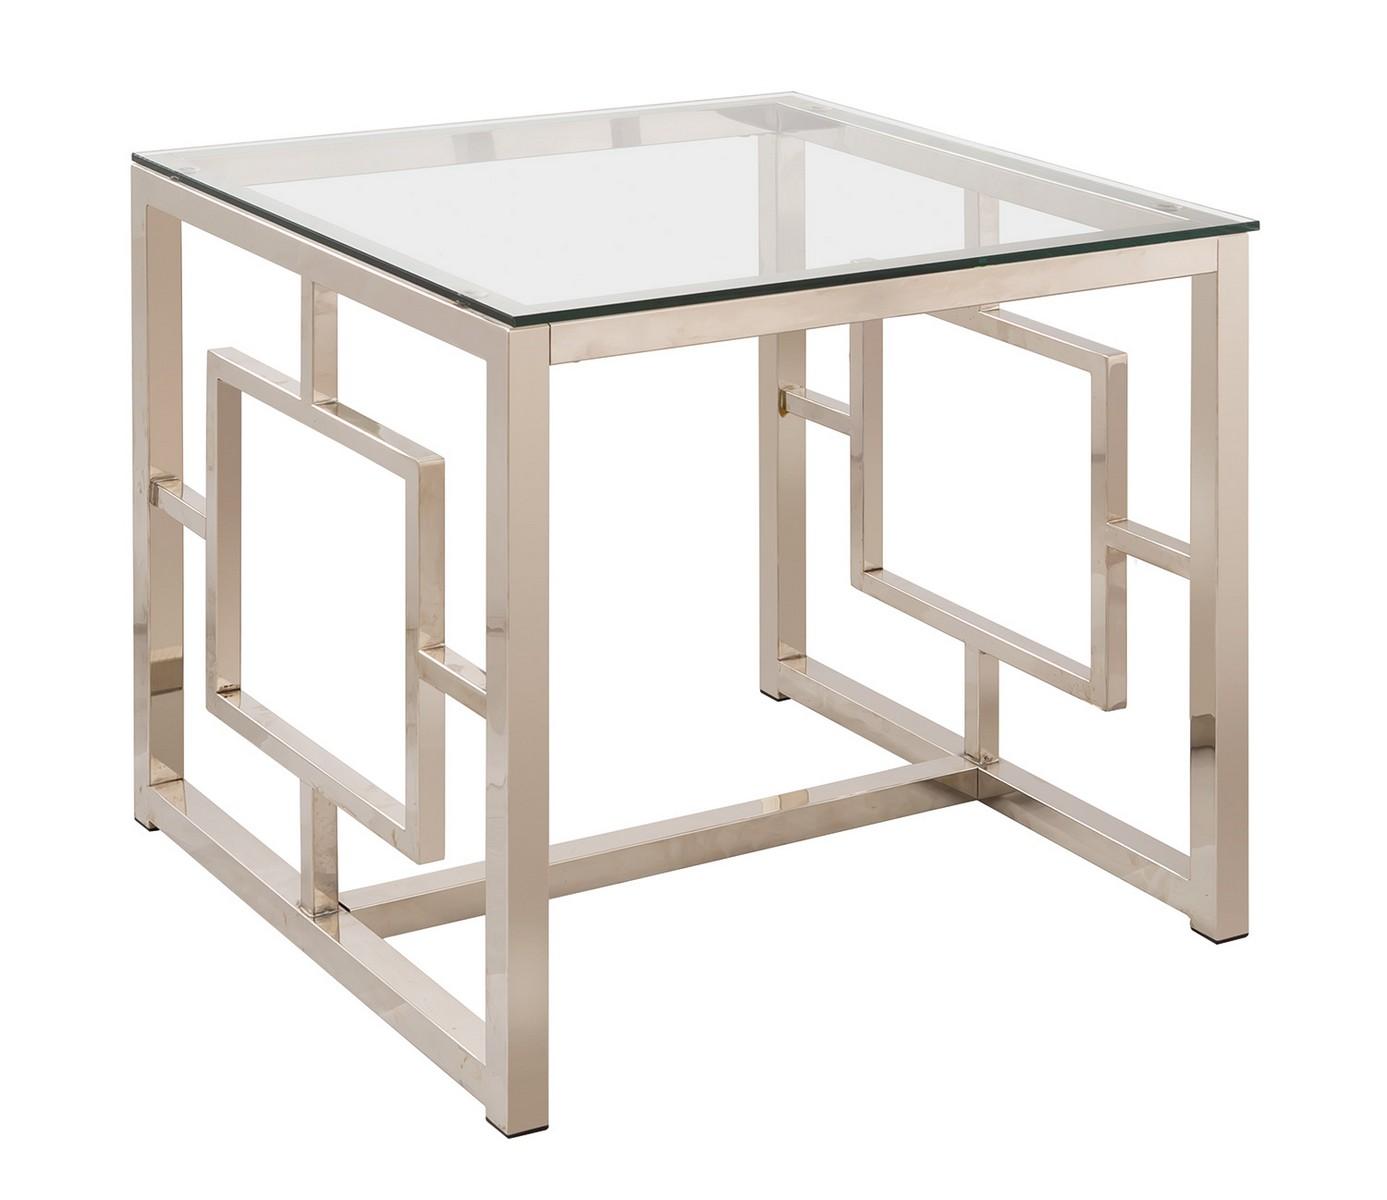 Coaster 703737 End Table - Nickel